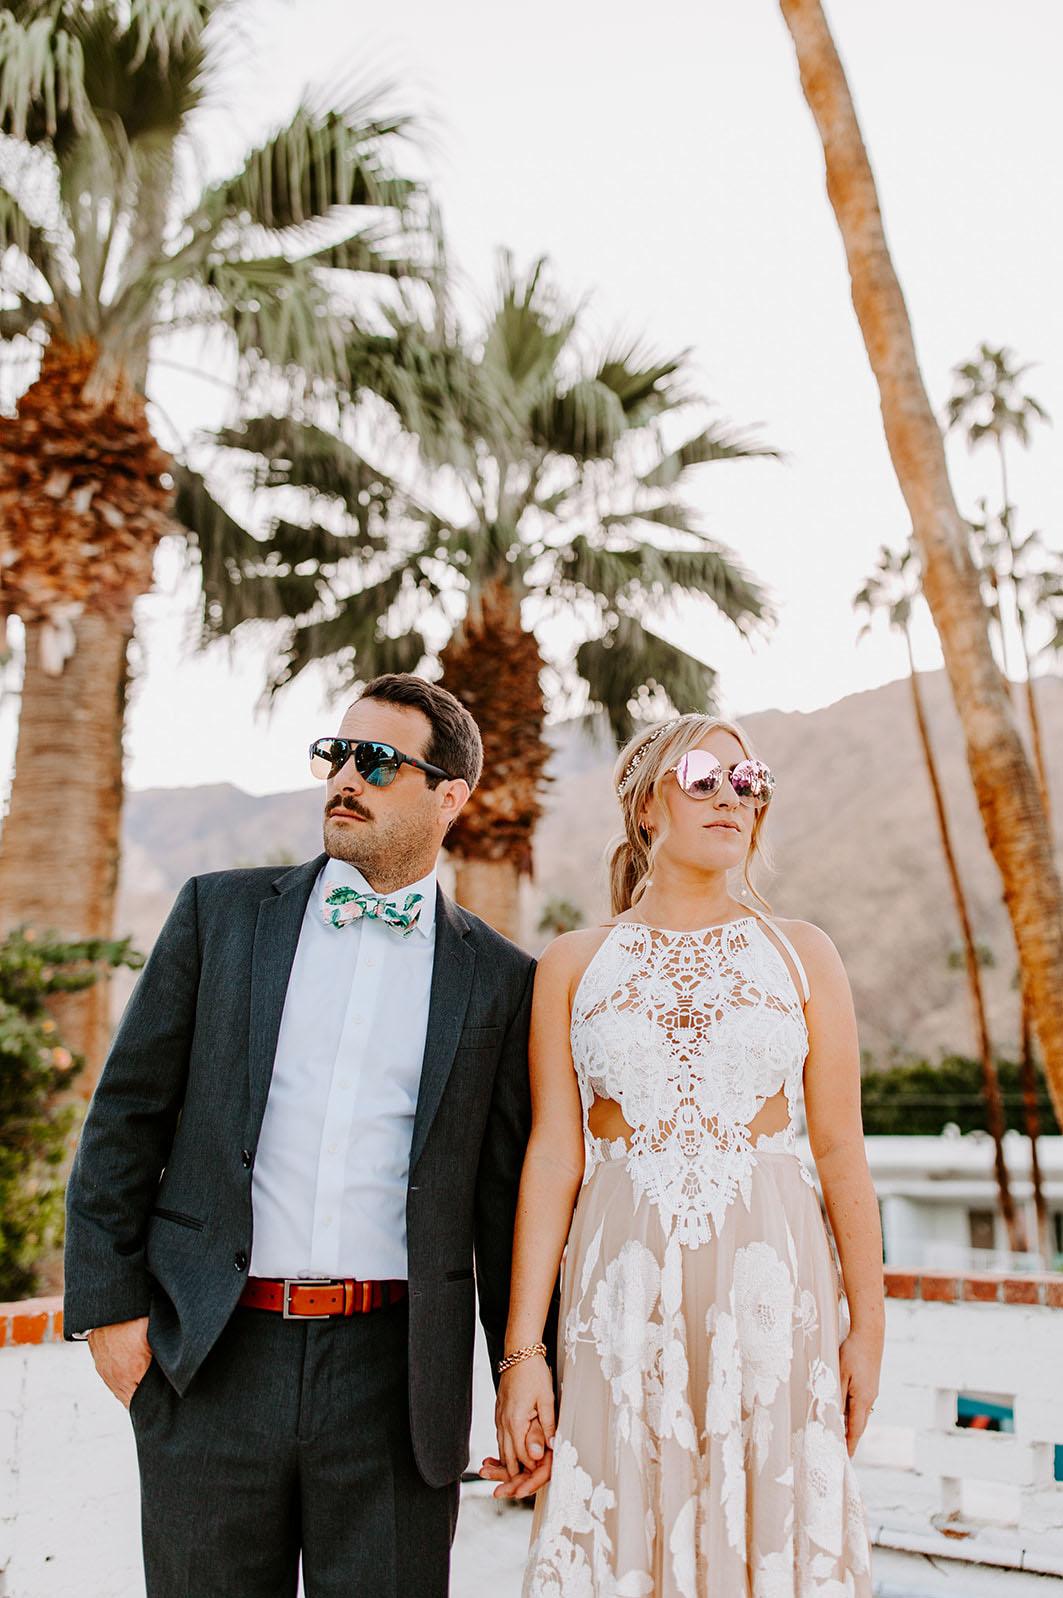 Bruidspaar met zonnebril op hun bruiloft